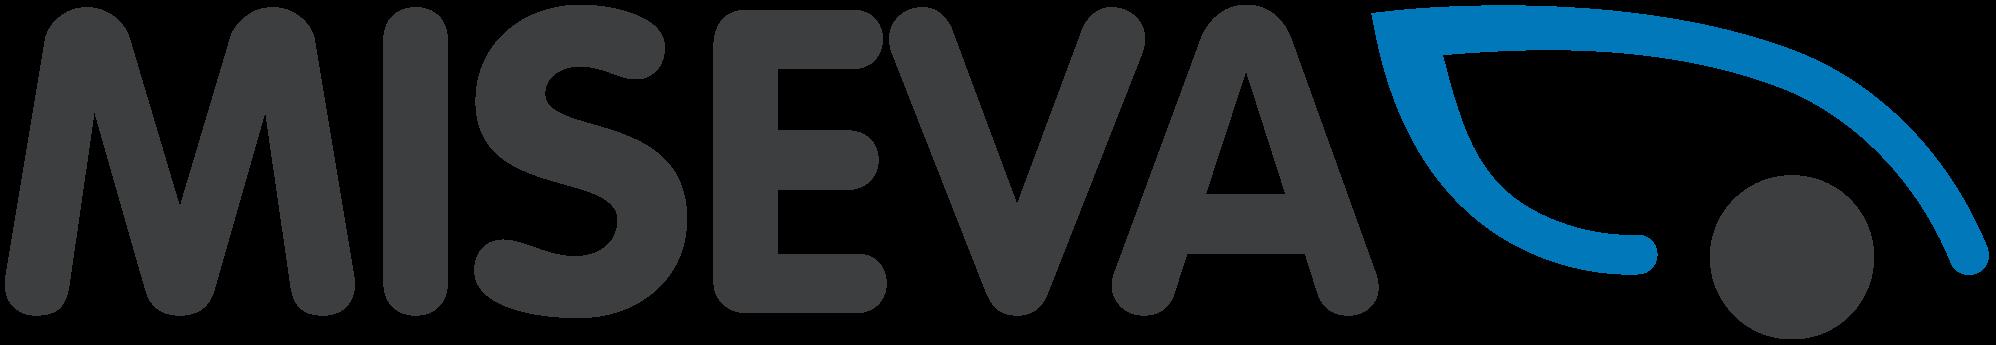 Miseva Oy logo